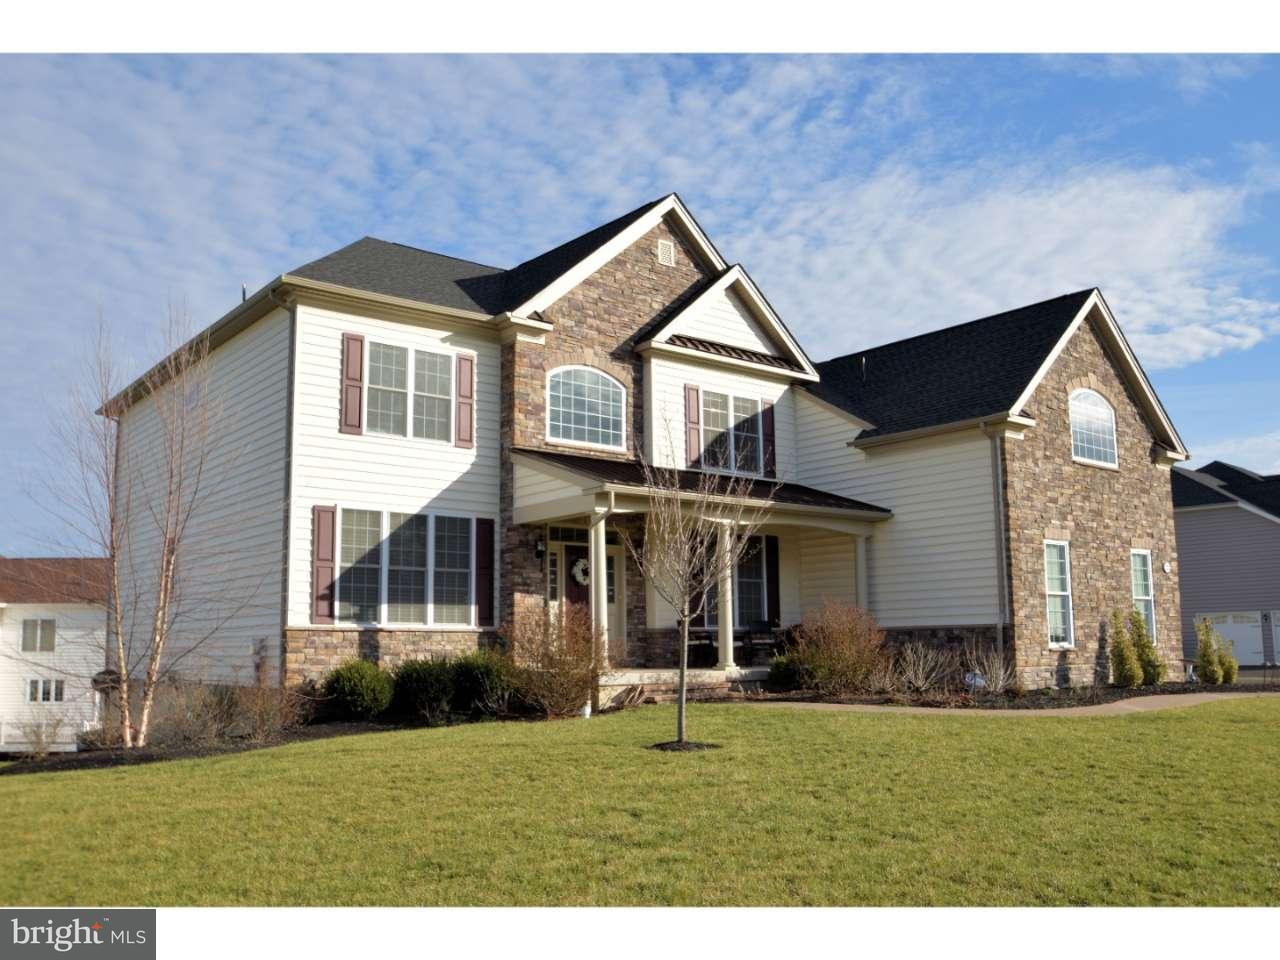 Maison unifamiliale pour l Vente à 25 WILSON WAY Phoenixville, Pennsylvanie 19460 États-Unis